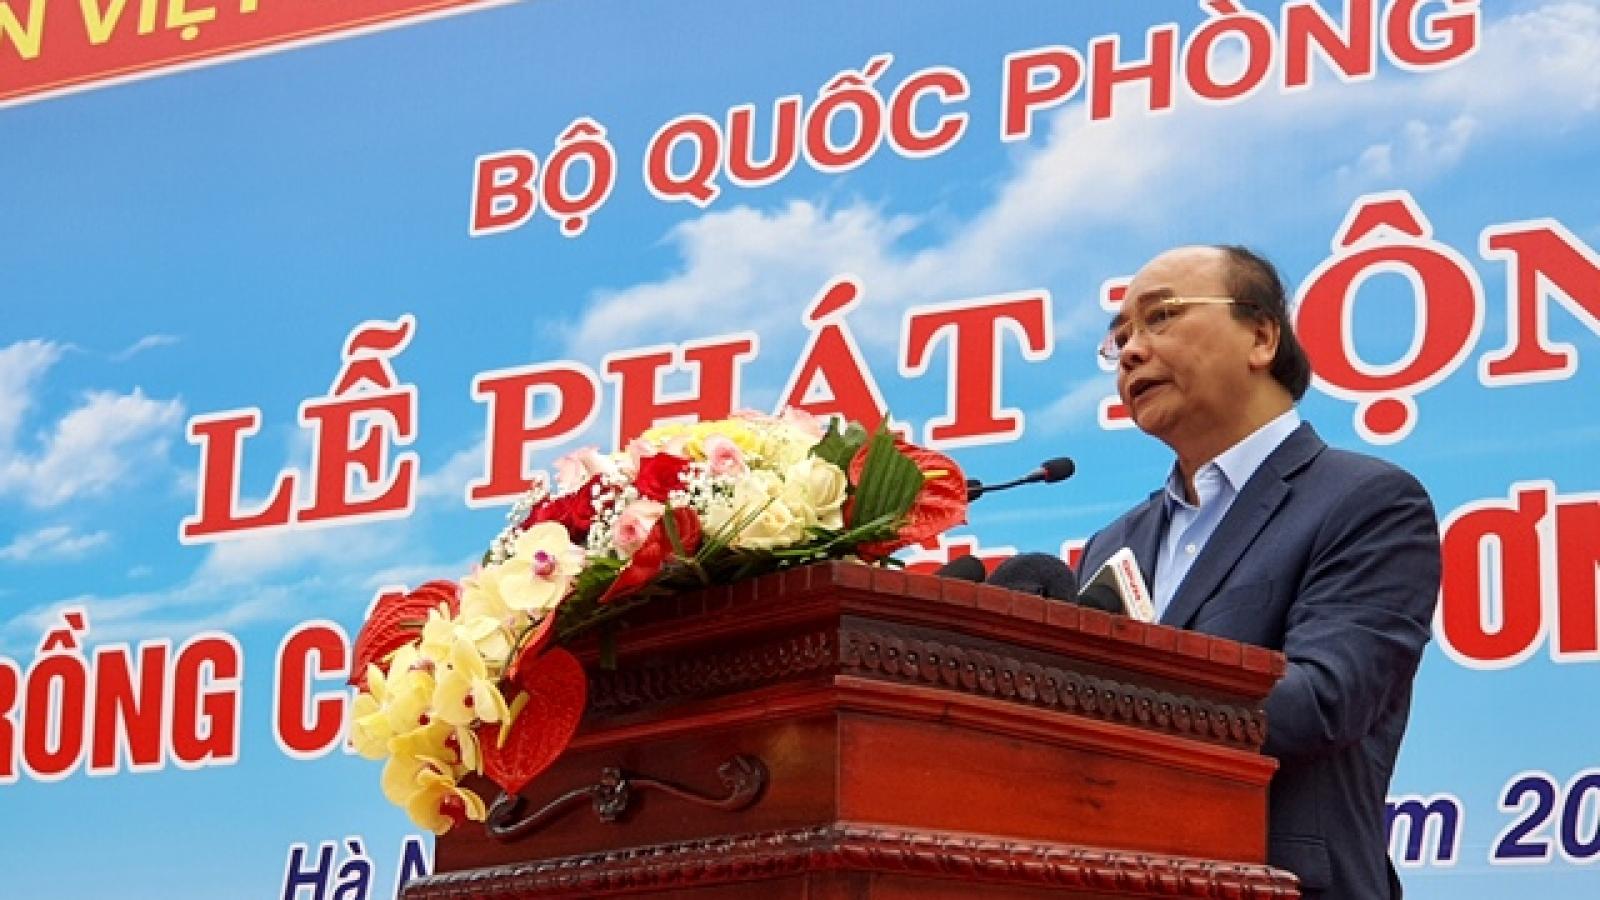 Chủ tịch nước Nguyễn Xuân Phúc dự lễ phát động trồng cây tại di tích K9-Đá Chông